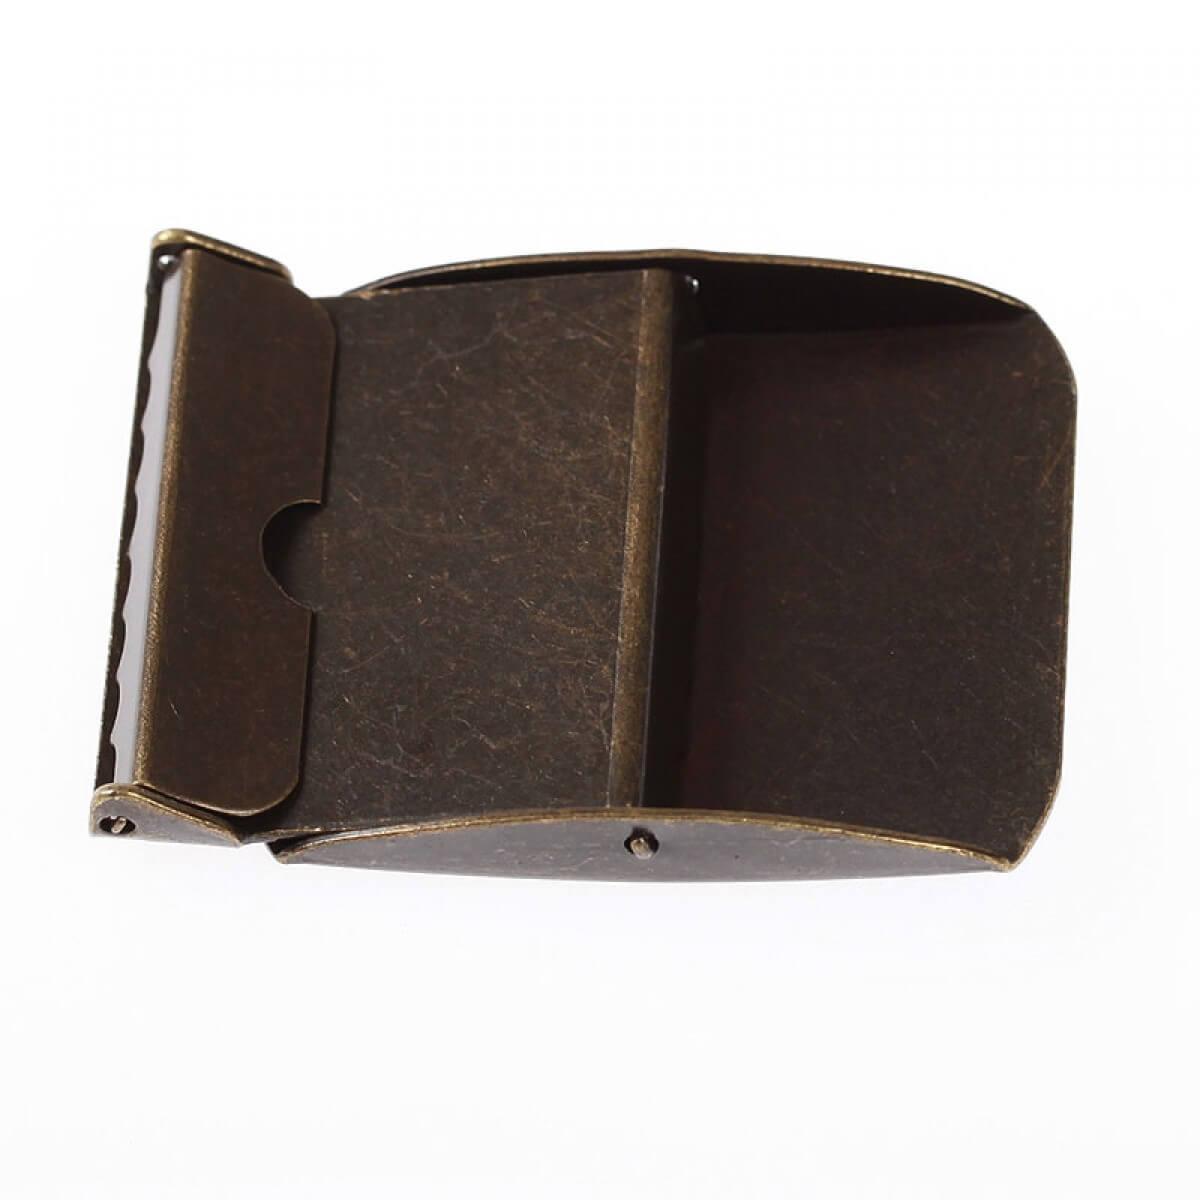 9bfb4690ea8 Boucle ceinture 40mm - Laiton antique - Mercerie Caréfil